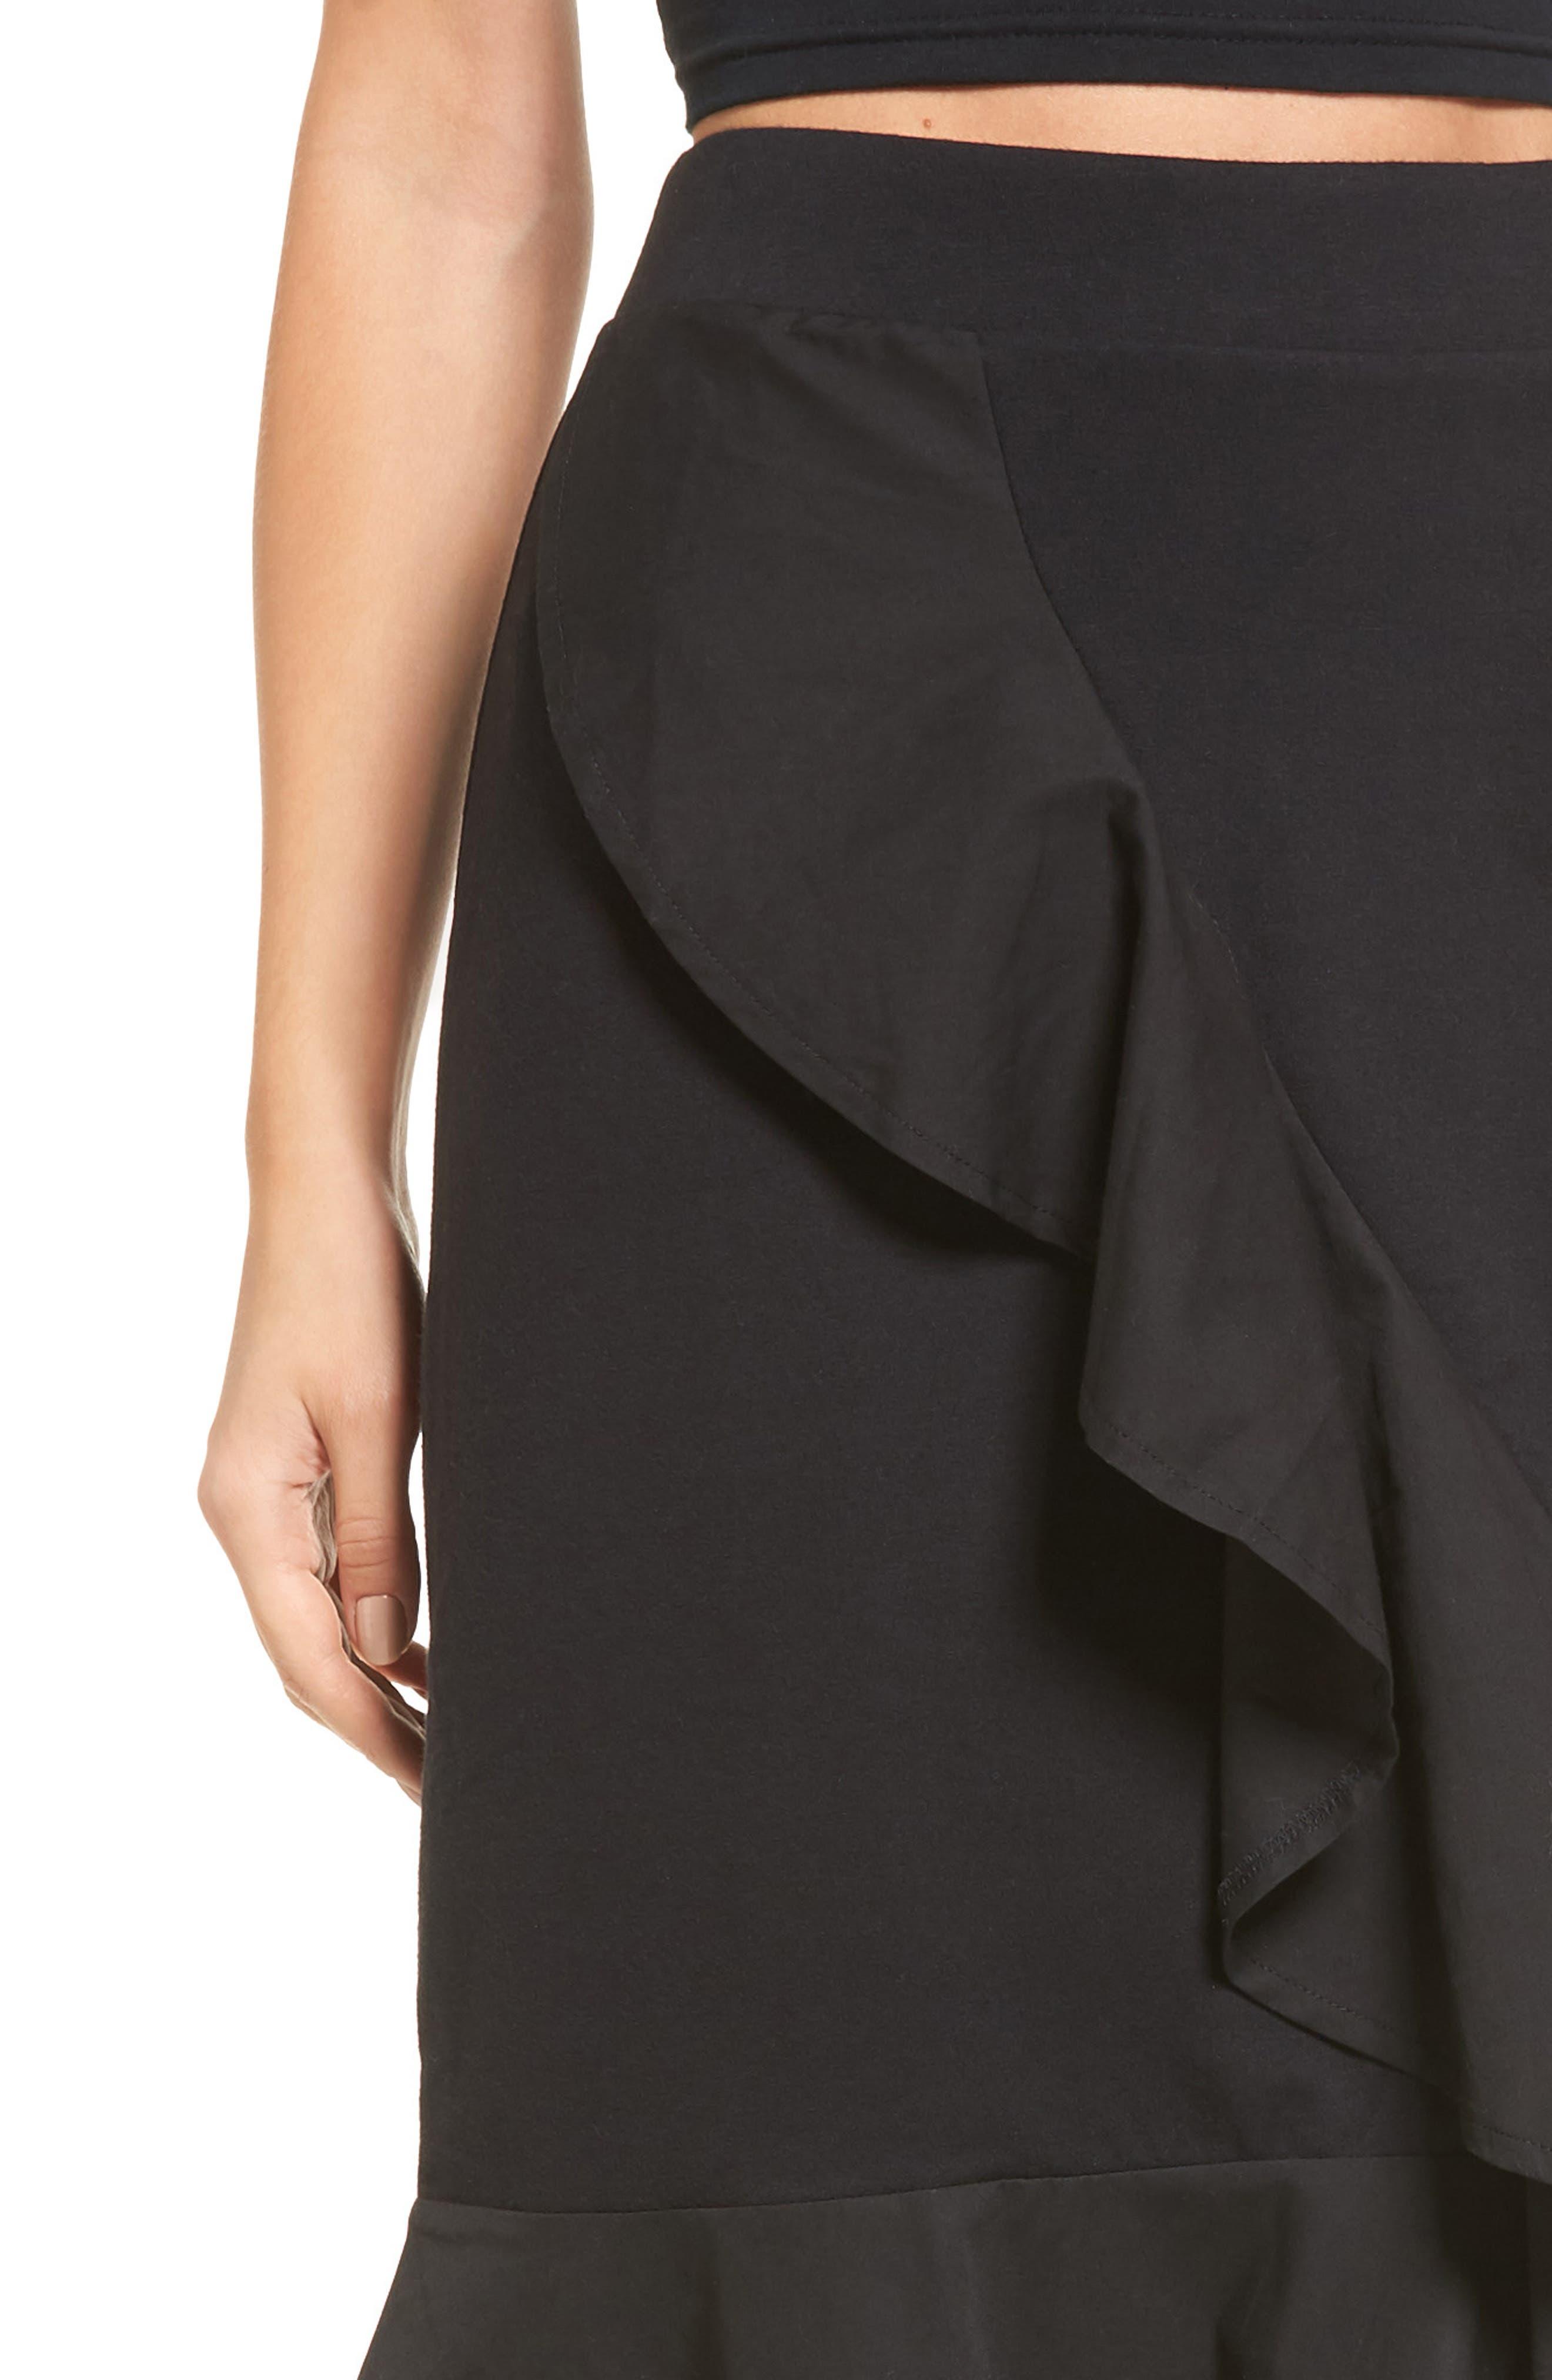 Ruffle Hem Skirt,                             Alternate thumbnail 4, color,                             001